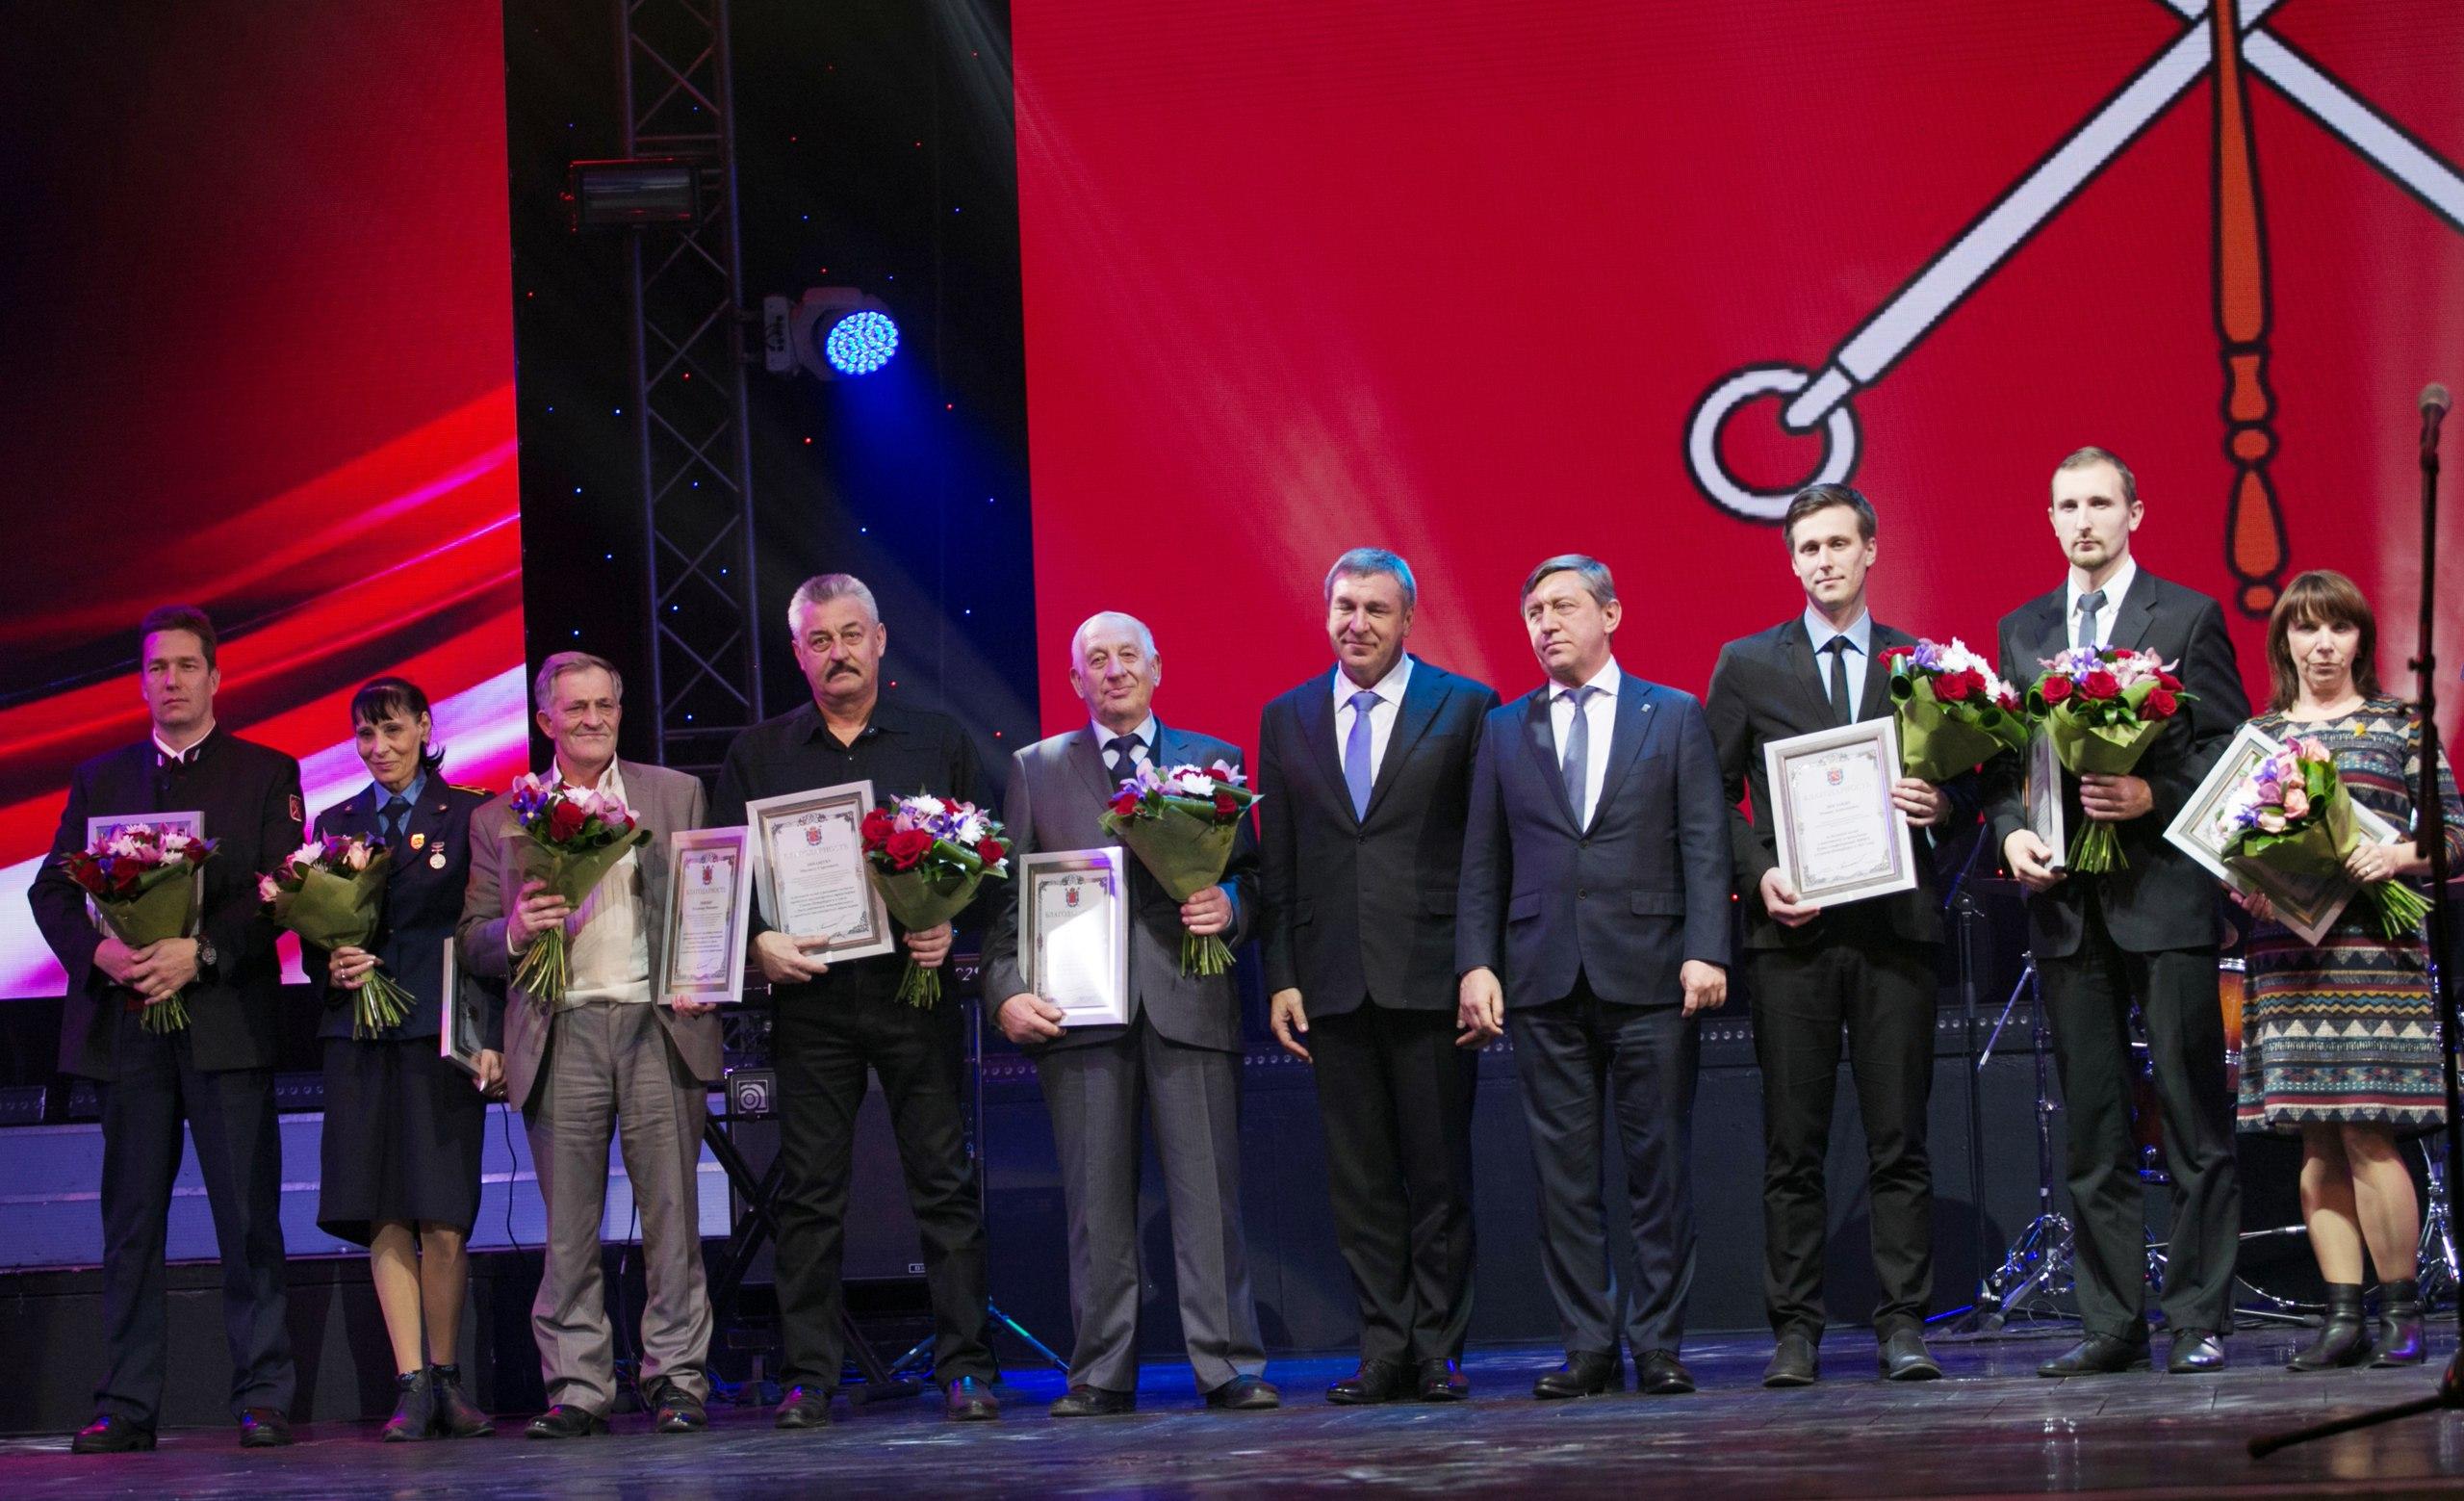 Работников ГЭТ чествовали в БКЗ «Октябрьский» по случаю профессионального праздника транспортников